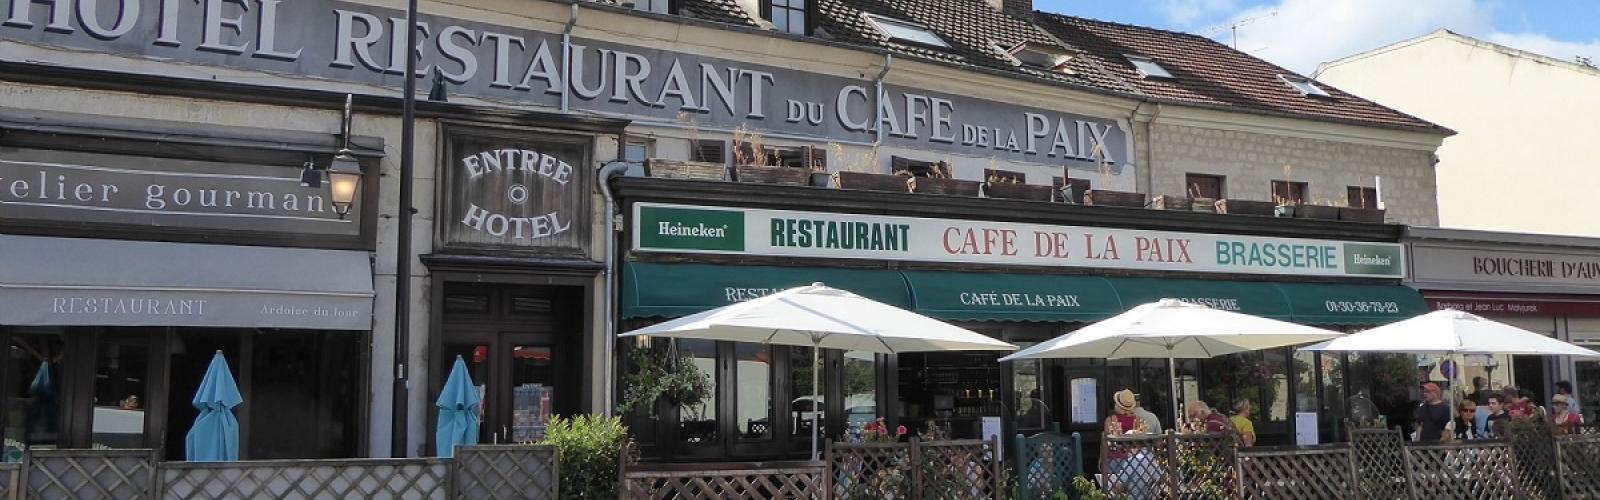 Le Café de la paix